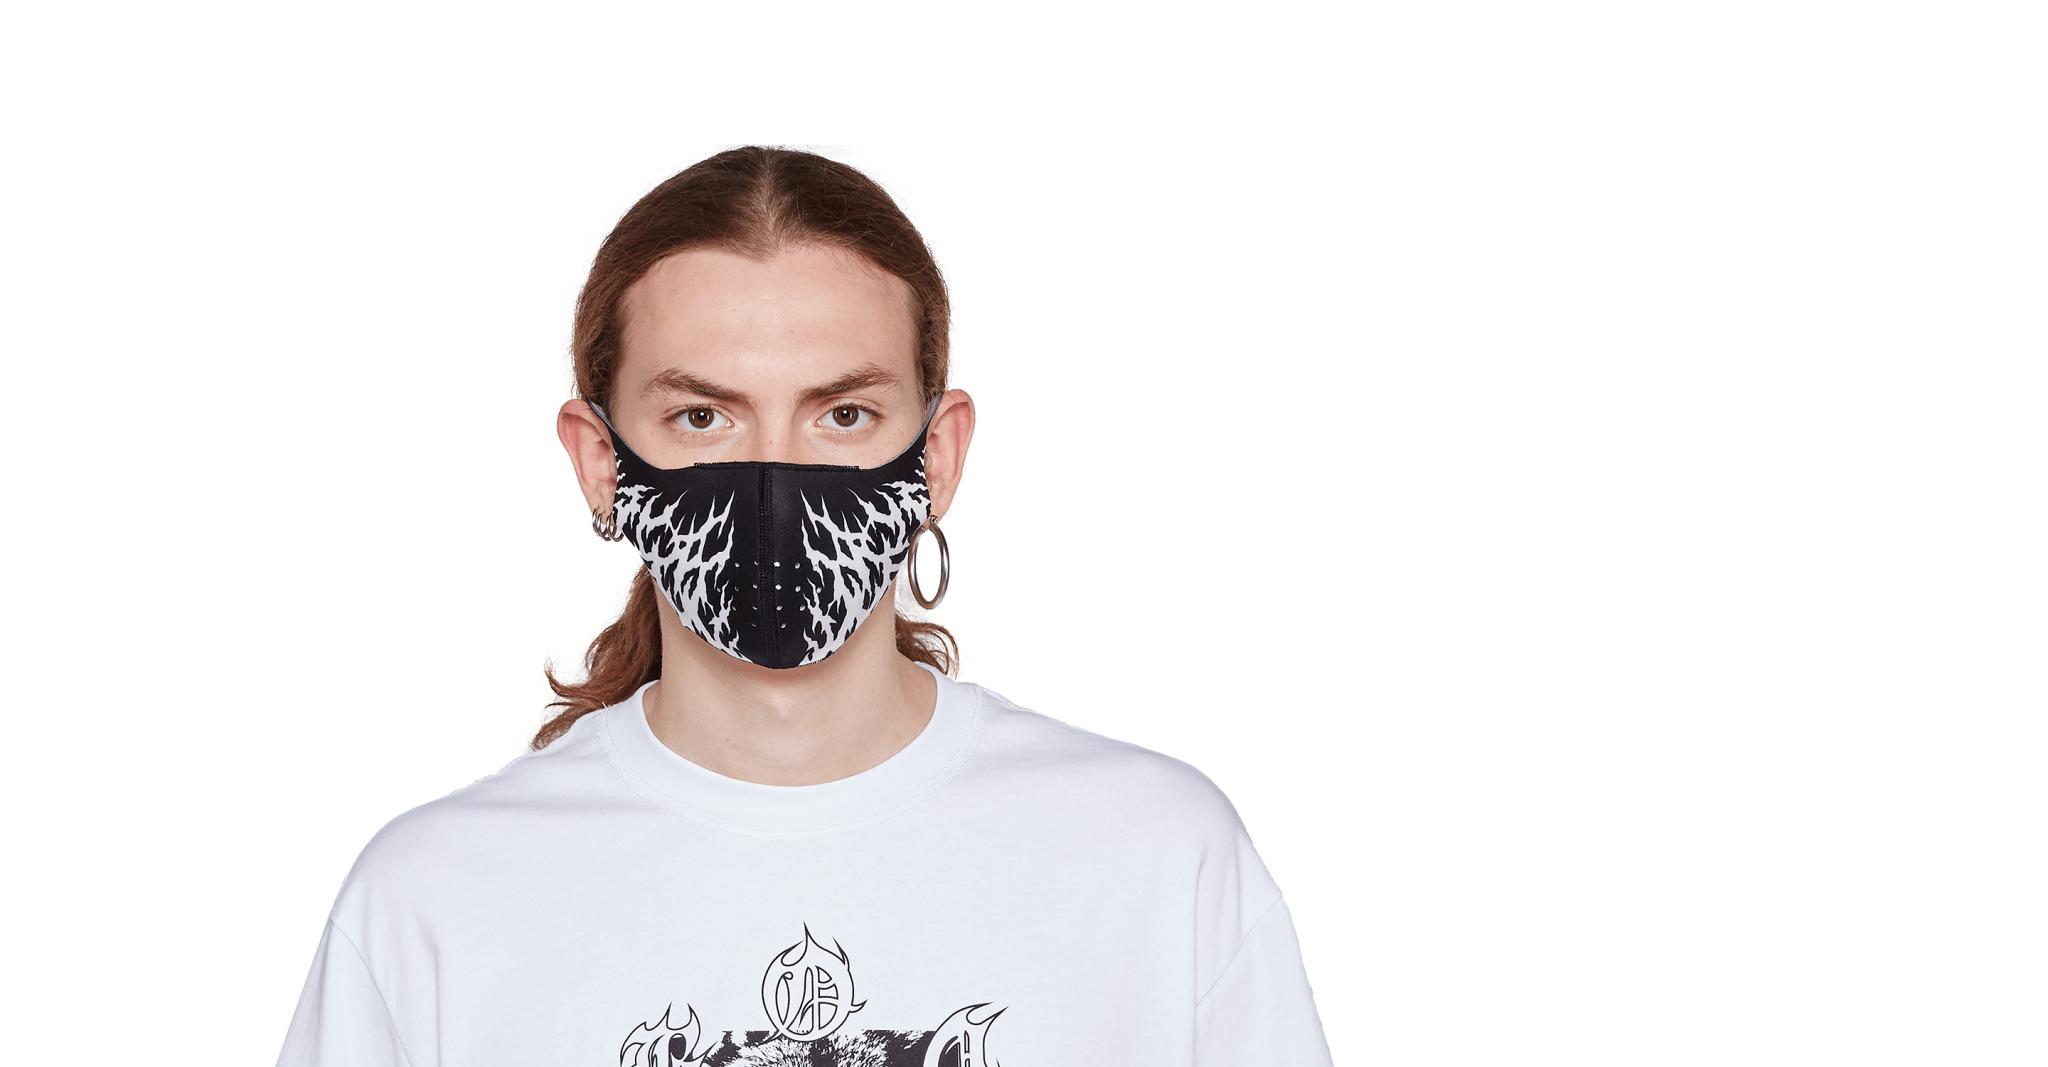 Наконец-то опубликовано первое исследование вреда маски